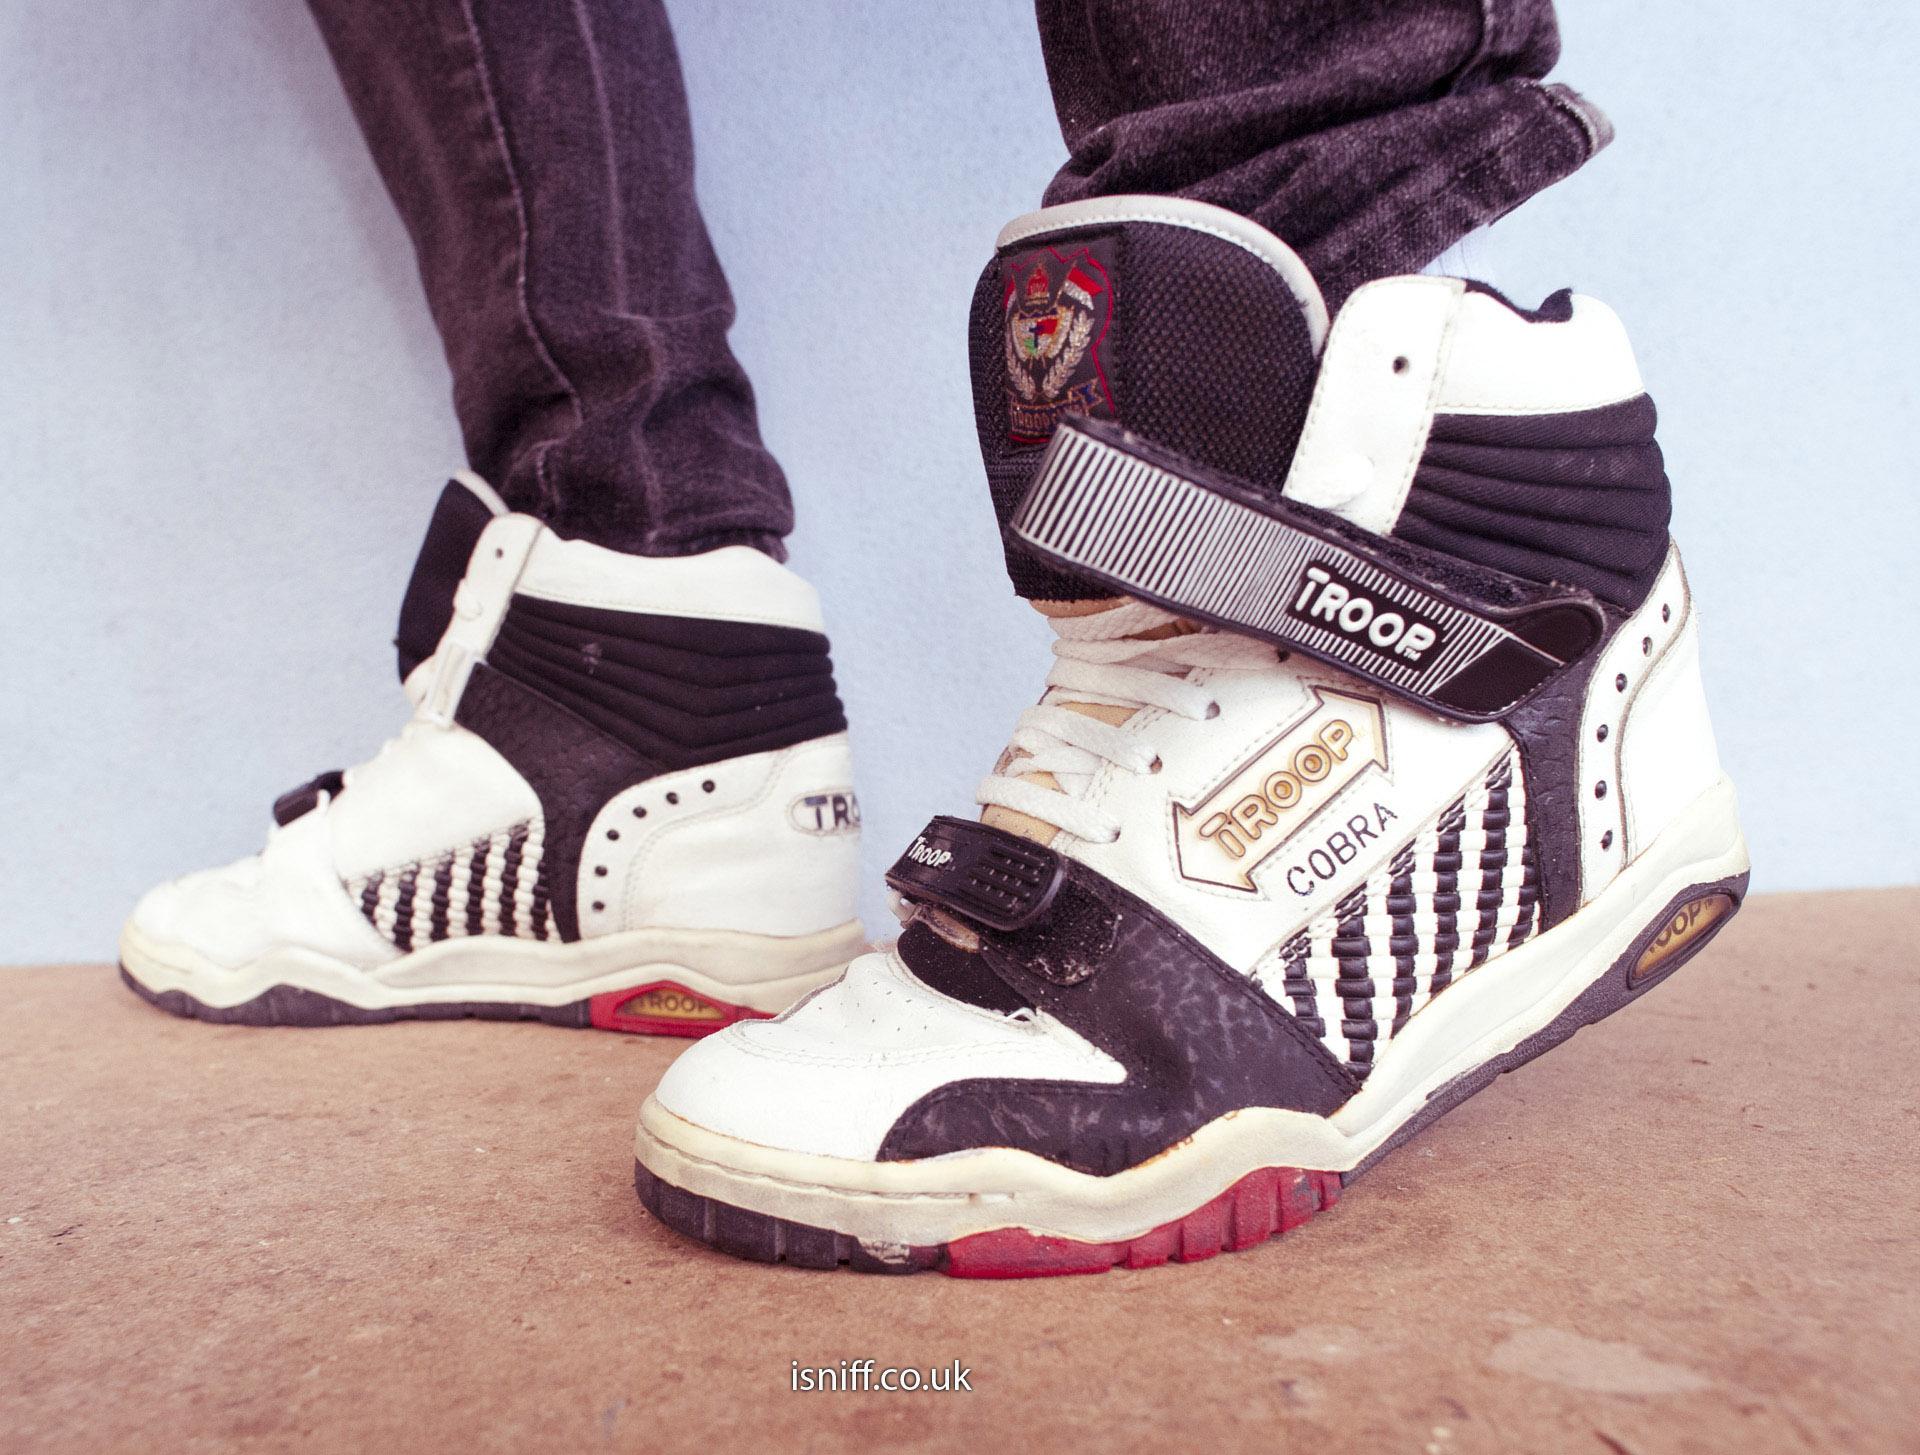 troop cobra Sneaker Photos